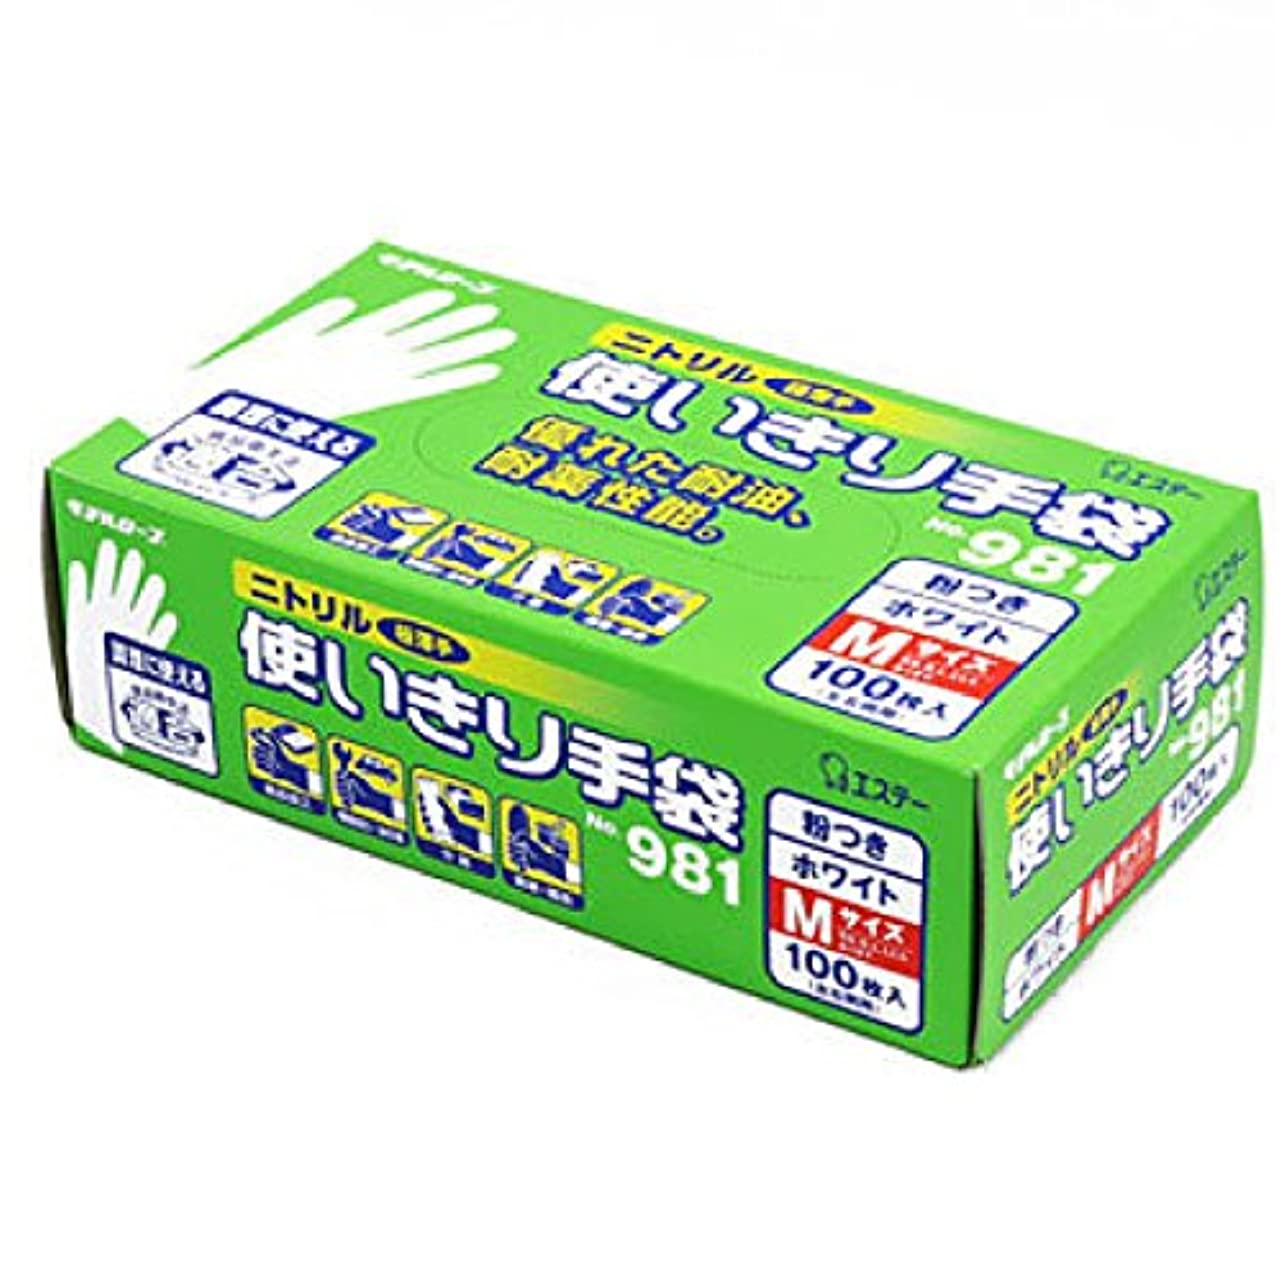 換気にやにや弁護士エステー/ニトリル使いきり手袋 箱入 (粉つき) [100枚入]/品番:981 サイズ:SS カラー:ホワイト